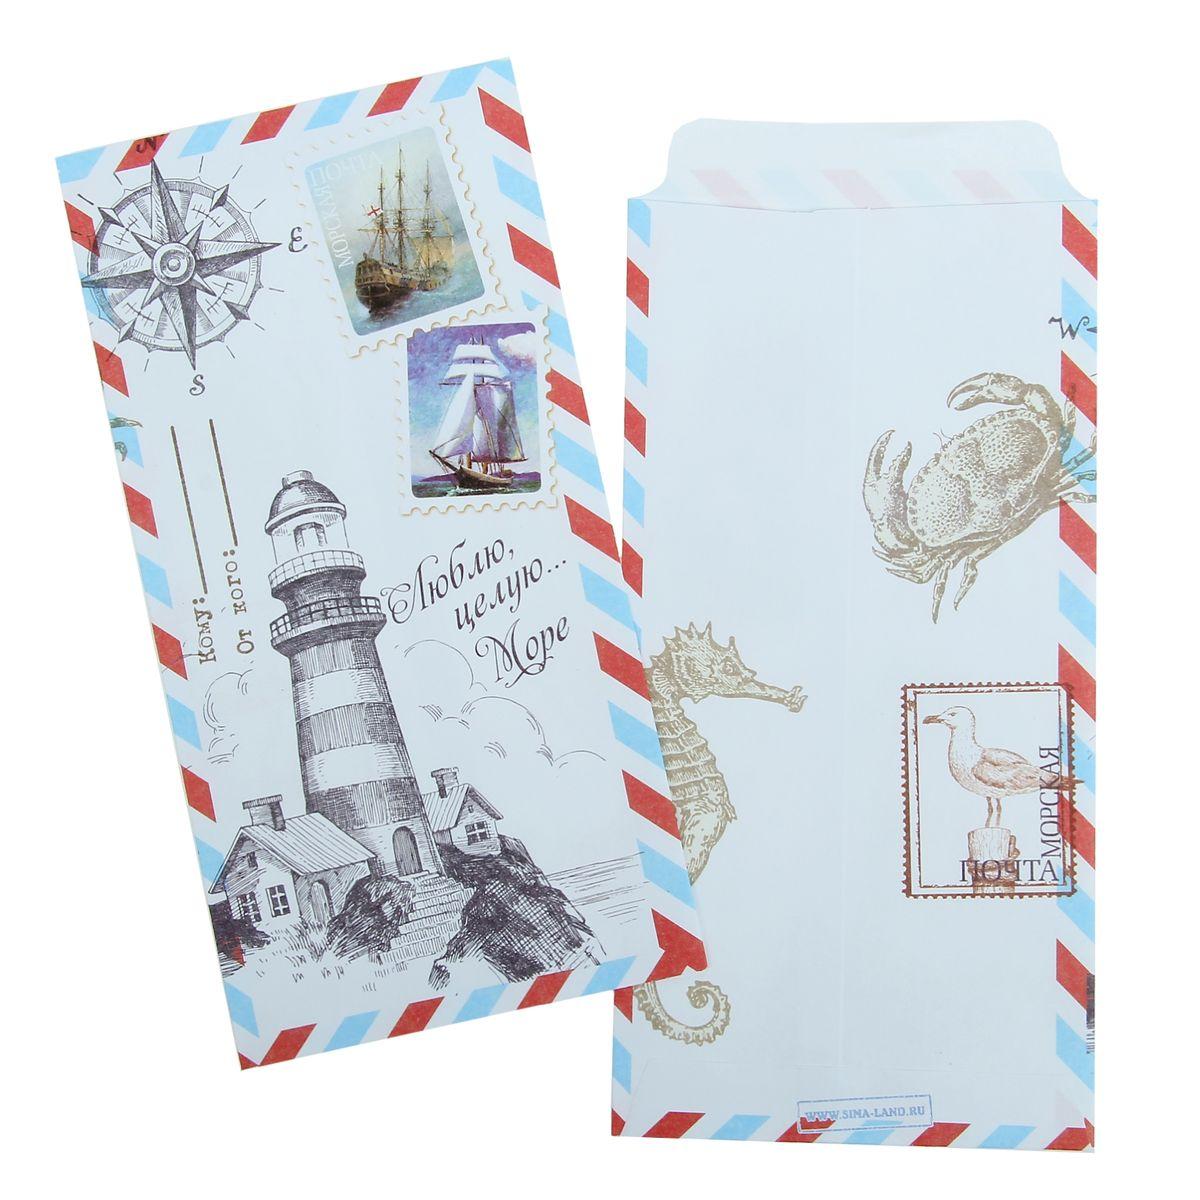 Конверт подарочный Море конверт подарочный следуй за мечтой